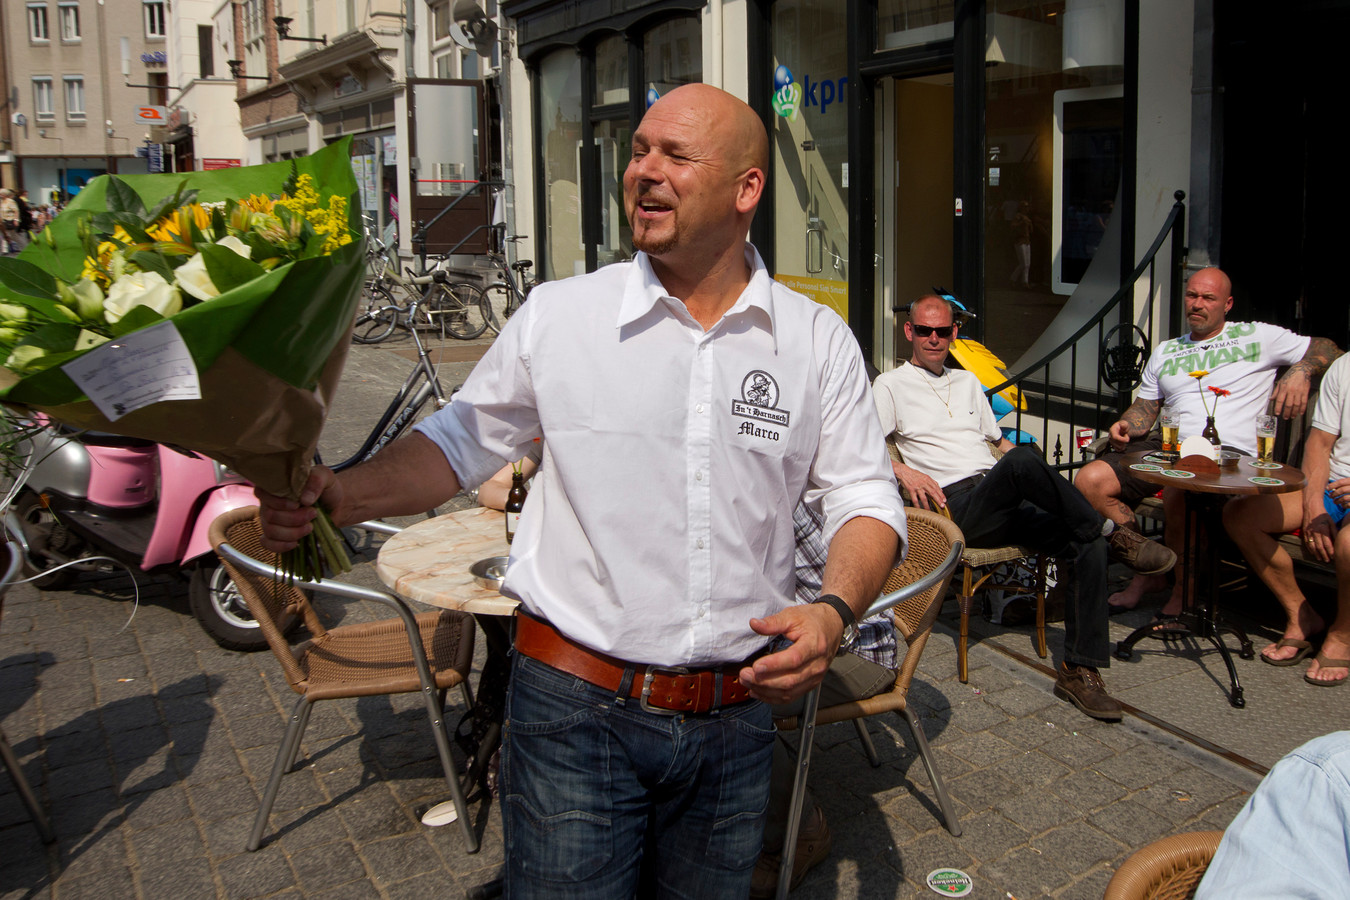 Marco Kroon, drager van de Militaire Willemsorde, werd op 22 april vrijgesproken door de militaire rechtbank in Arnhem voor het bezit van cocaïne. Een paar uur na de uitspraak had hij zijn groene uniform verruild voor een witte bloes en ontving hij bloemen van enthousiaste klanten op het terras van zijn café In 't Harnasch, zijn kroeg op de Bossche markt die hij in oktober van dit jaar verkocht.